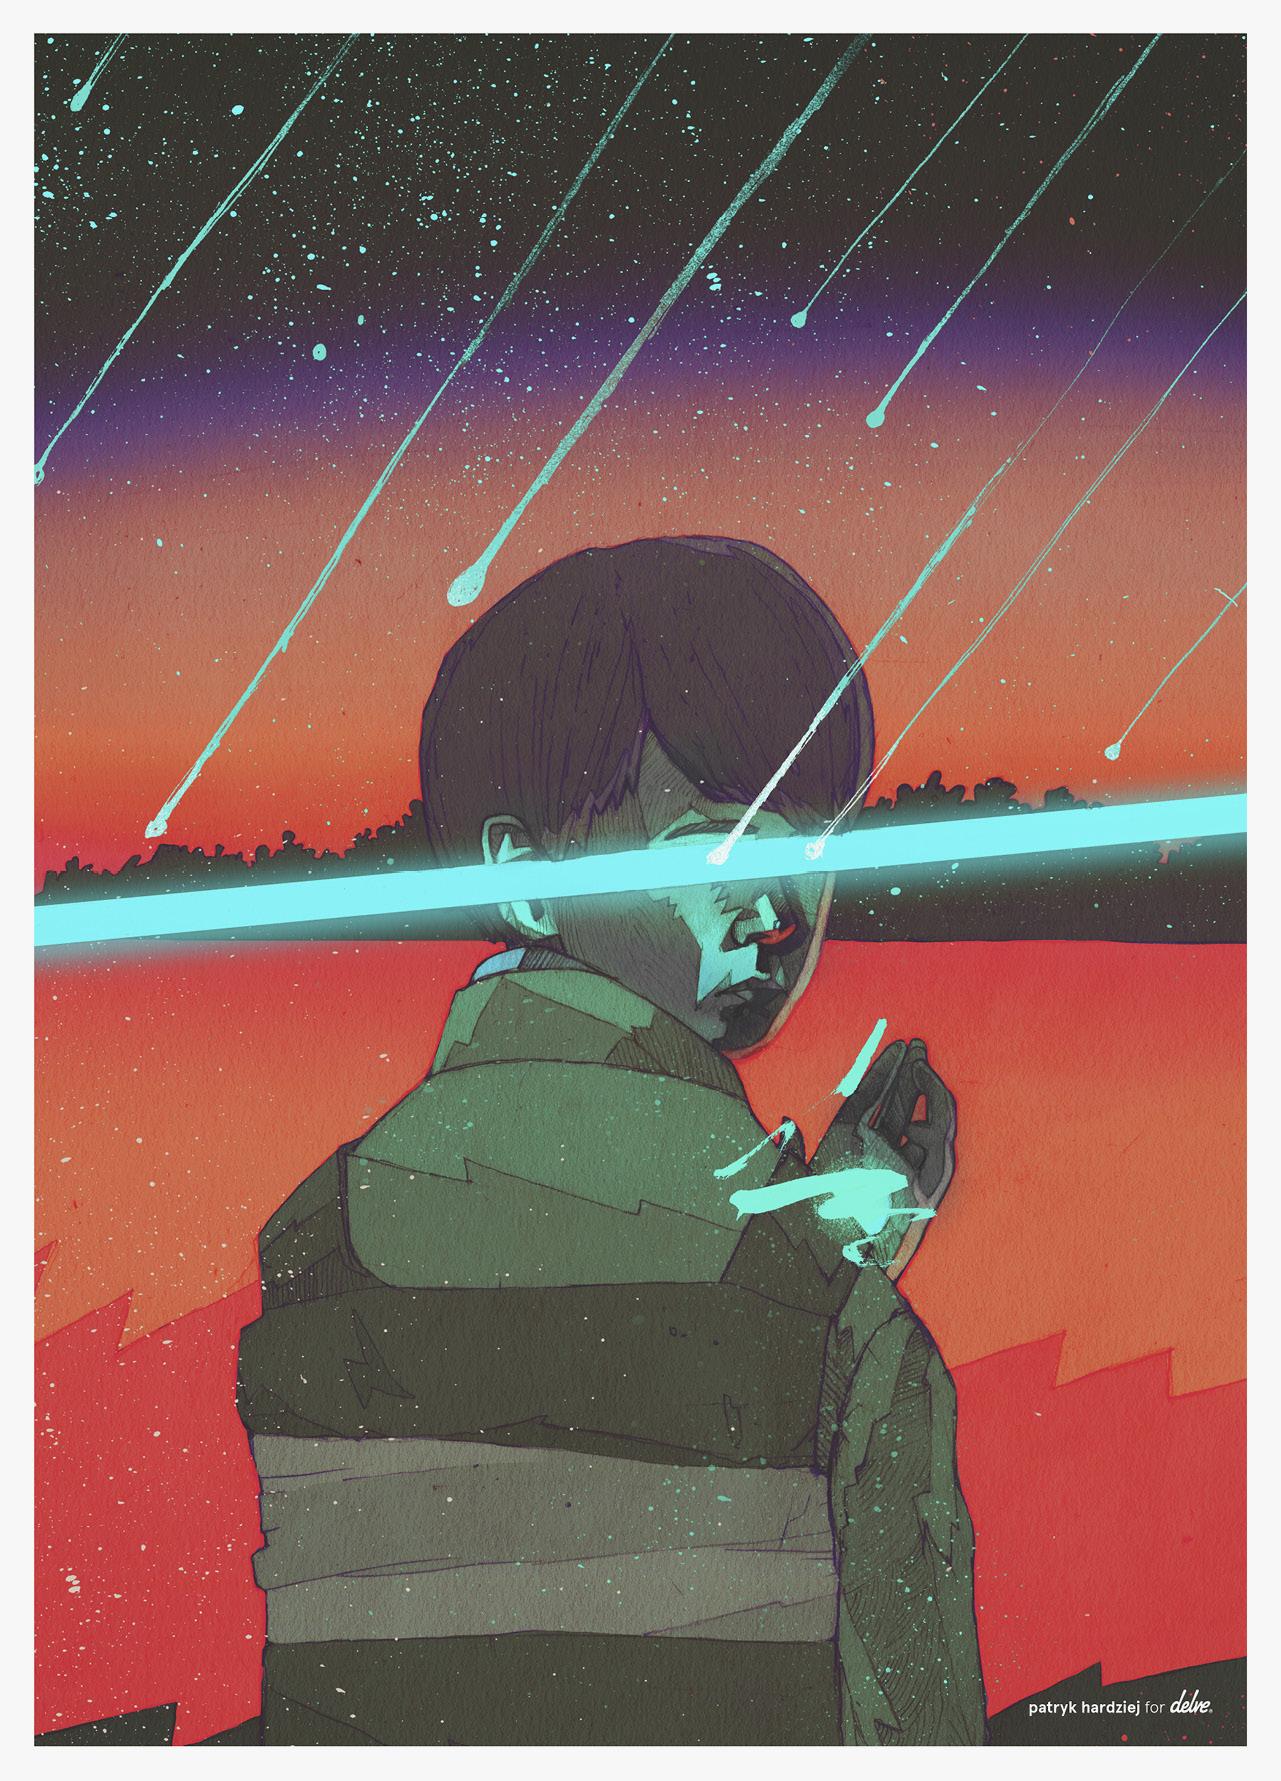 Midnight Special by Patryk Hardziej